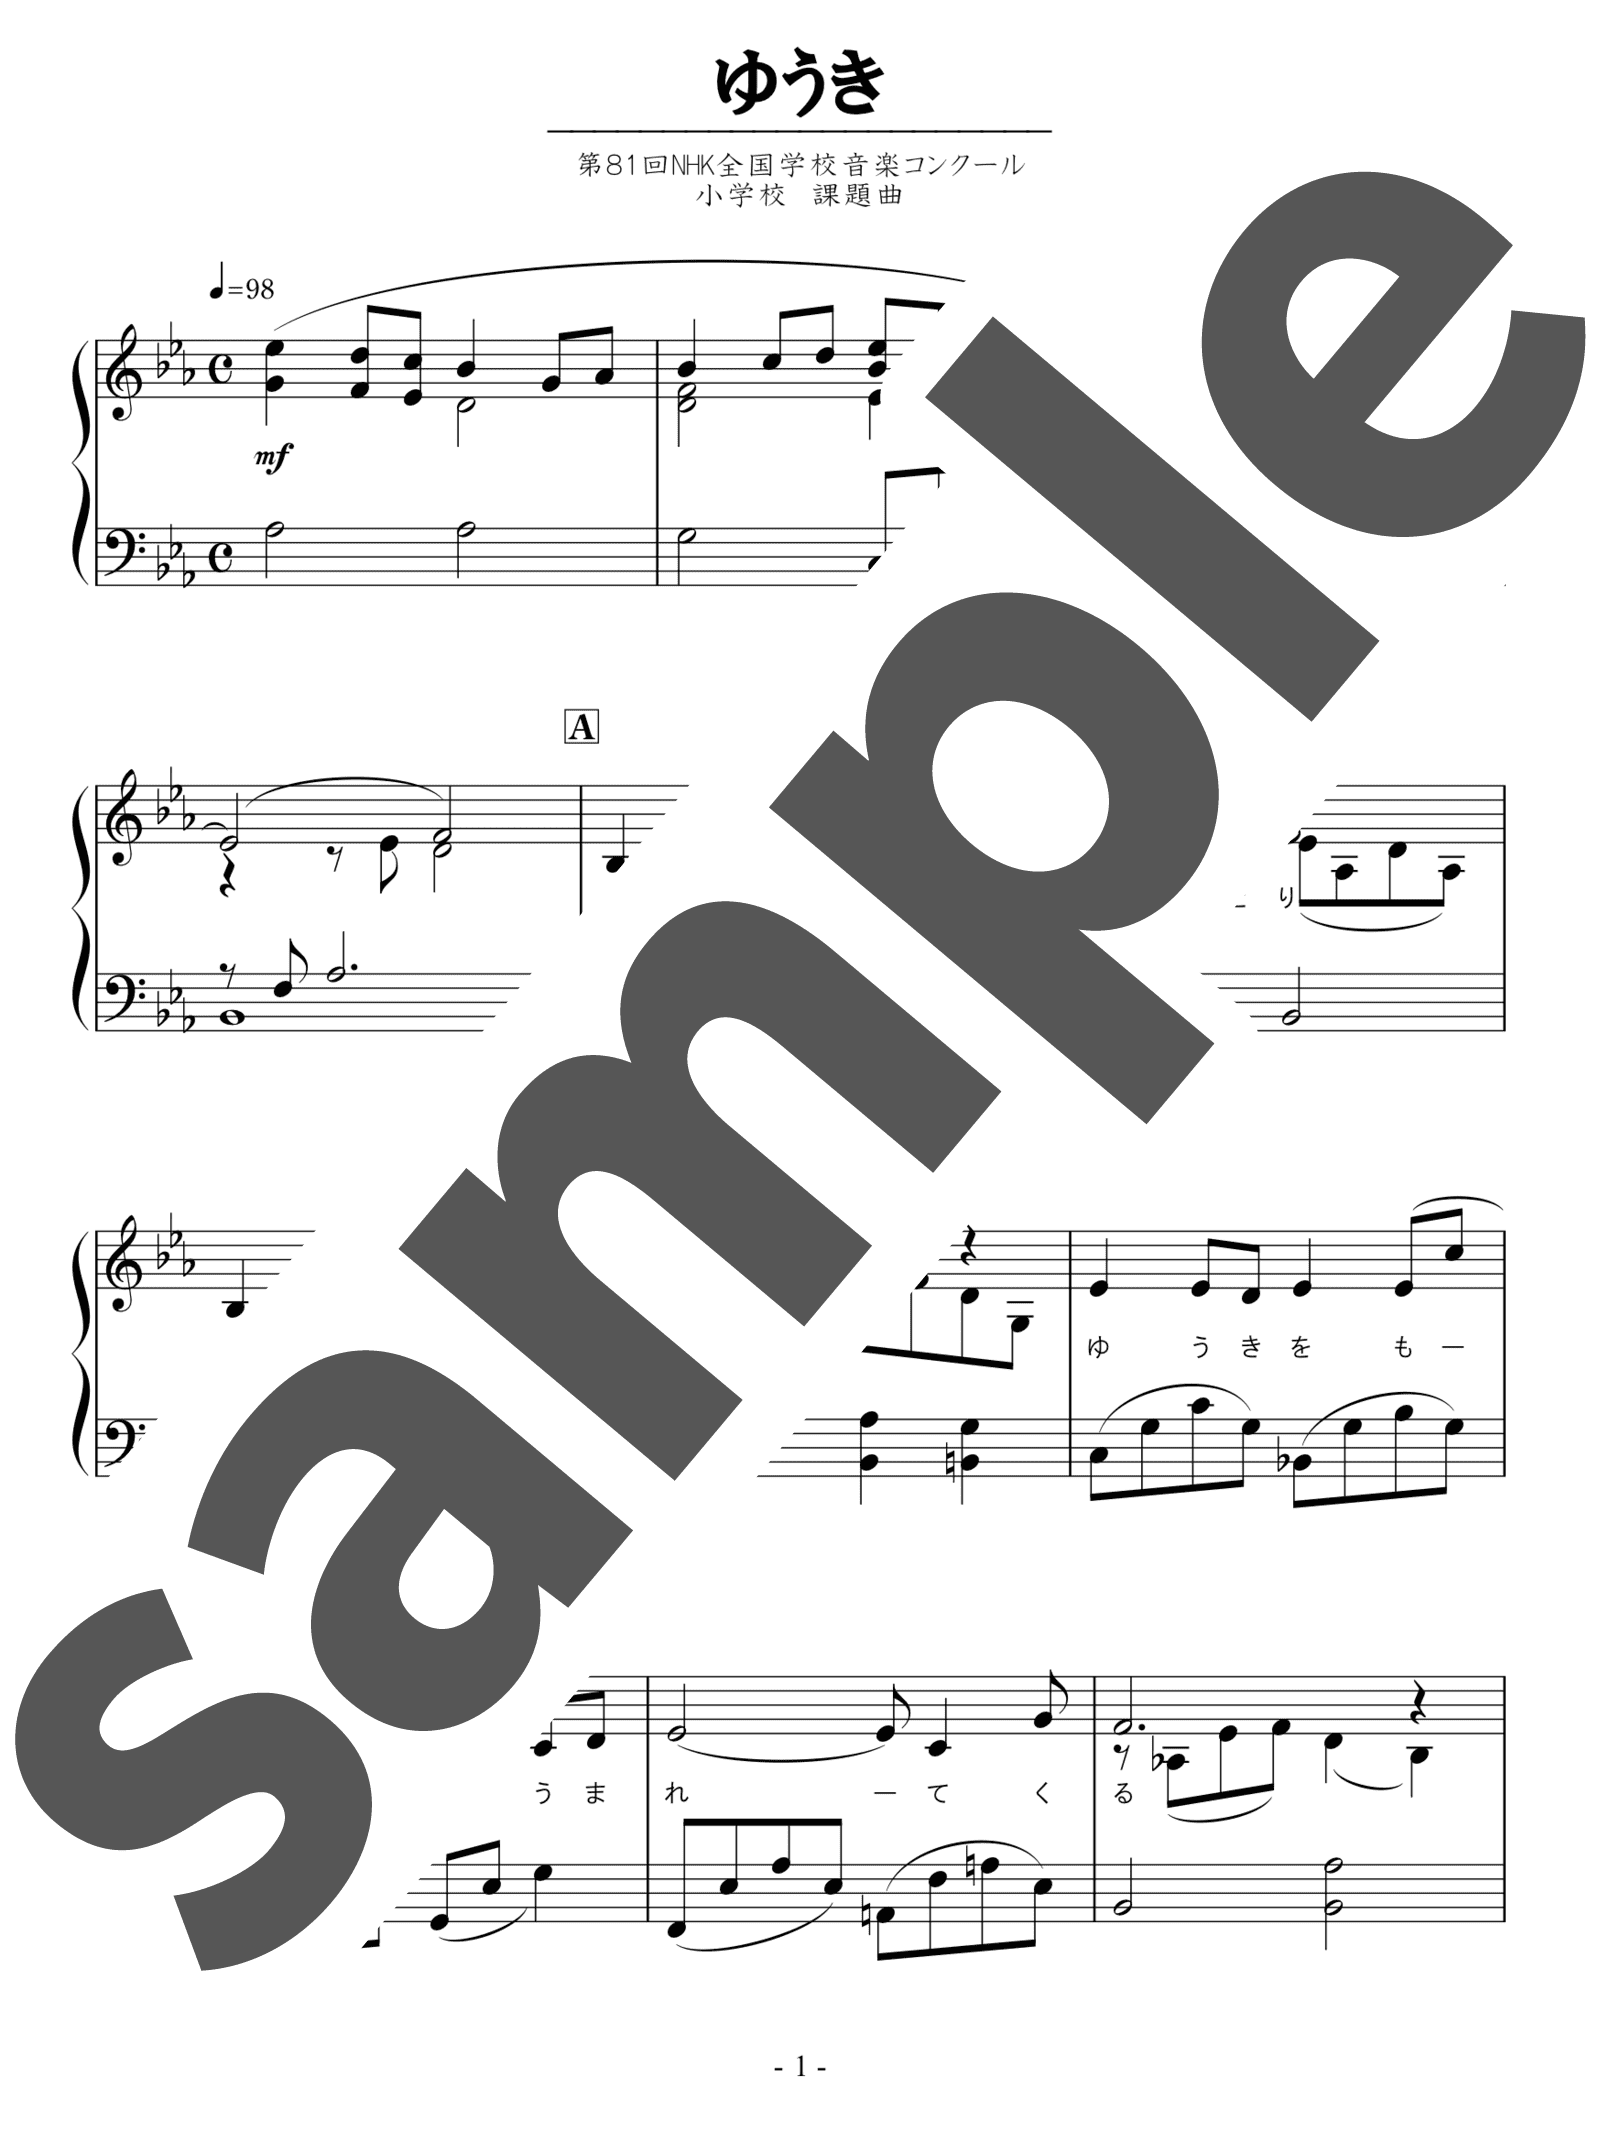 「ゆうき」のサンプル楽譜